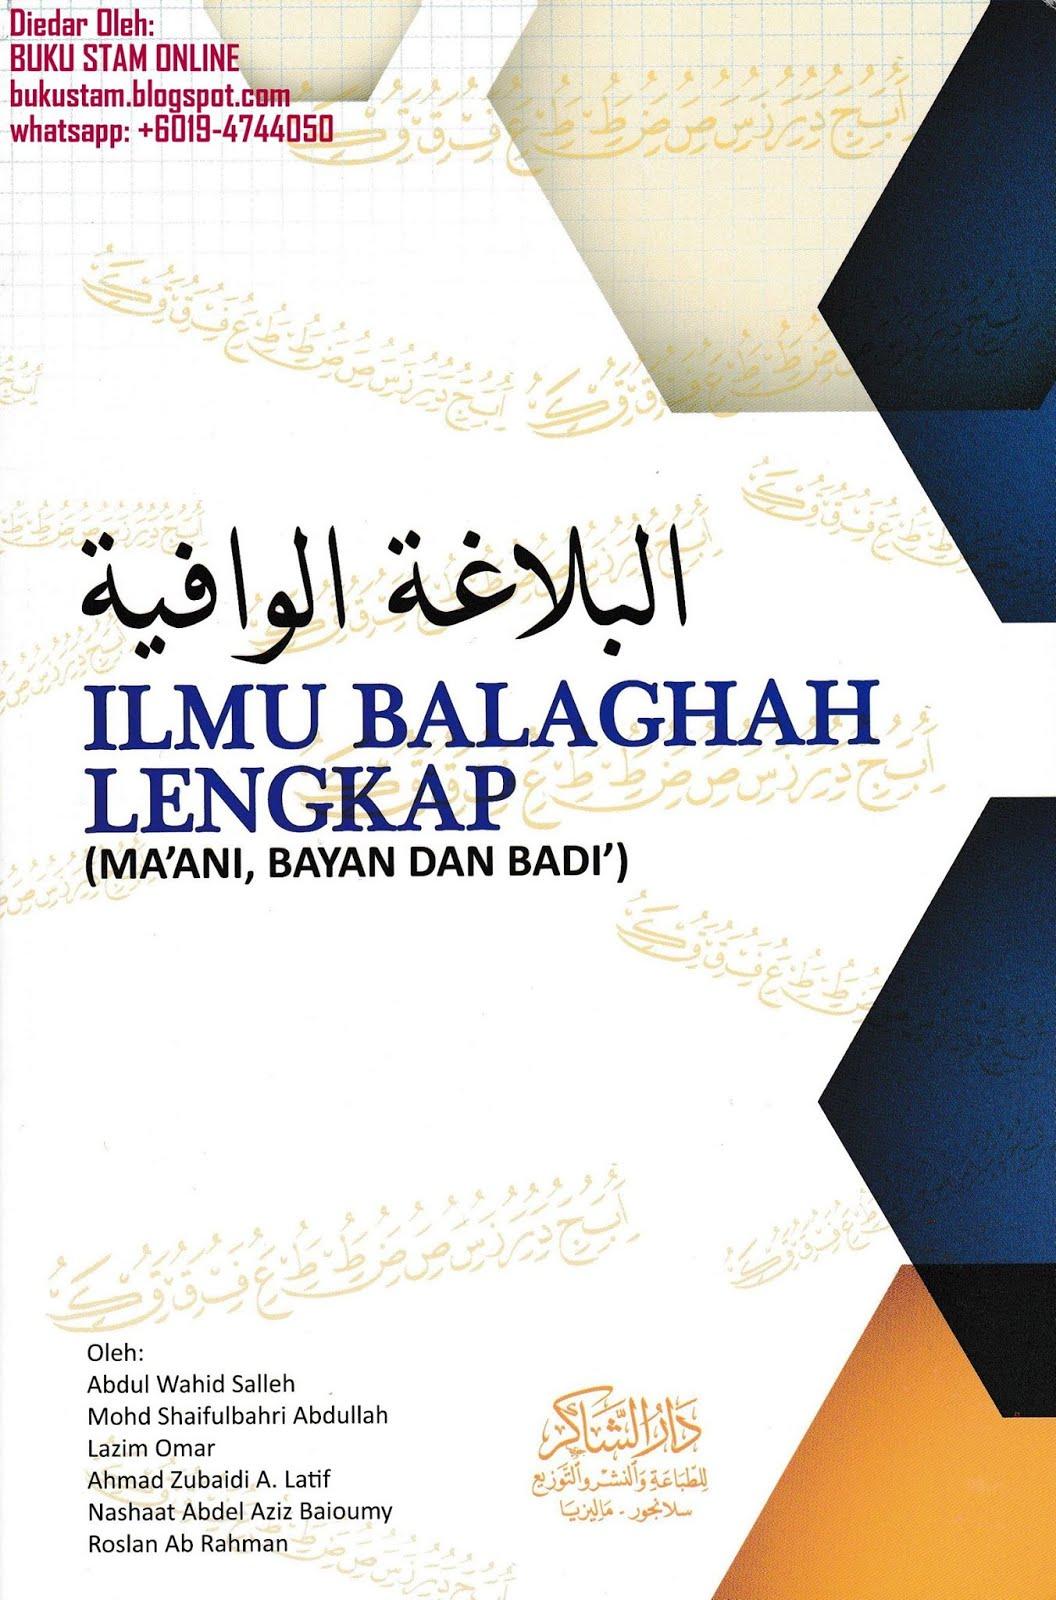 ILMU BALAGHAH LENGKAP (HABIS STOK)